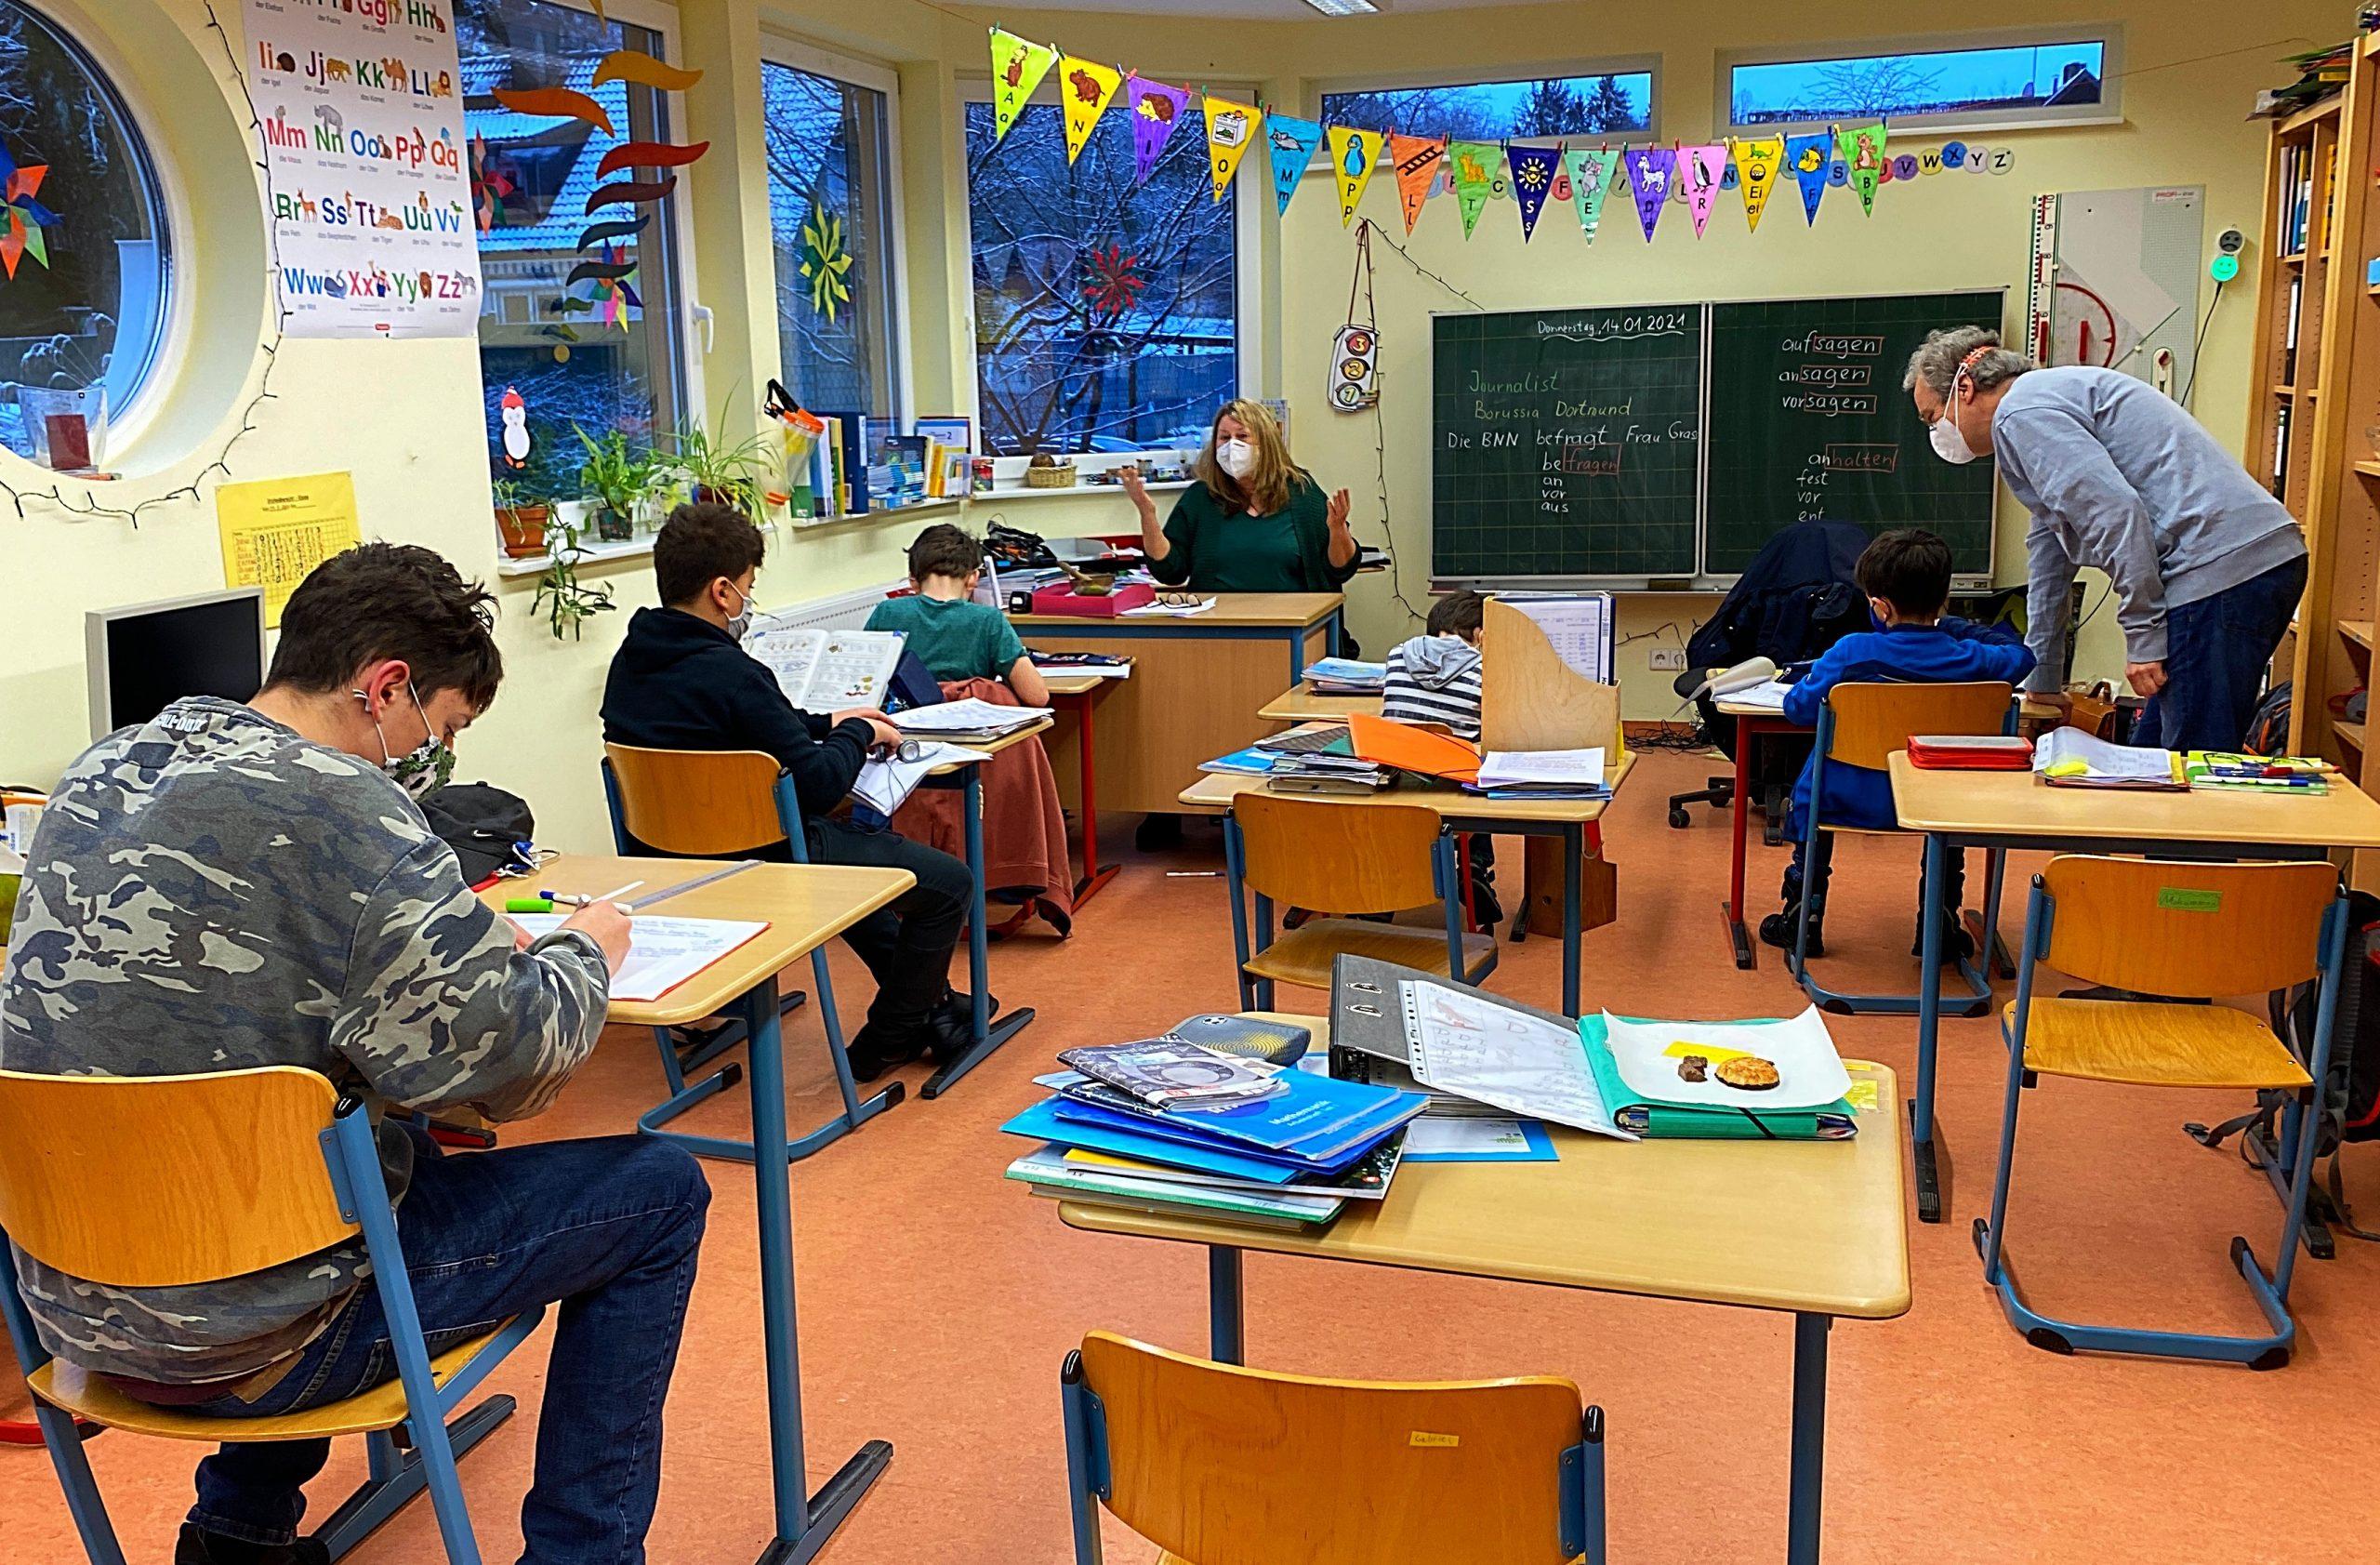 Lockdown in der Waldhausschule: Lernen, jetzt erst recht!